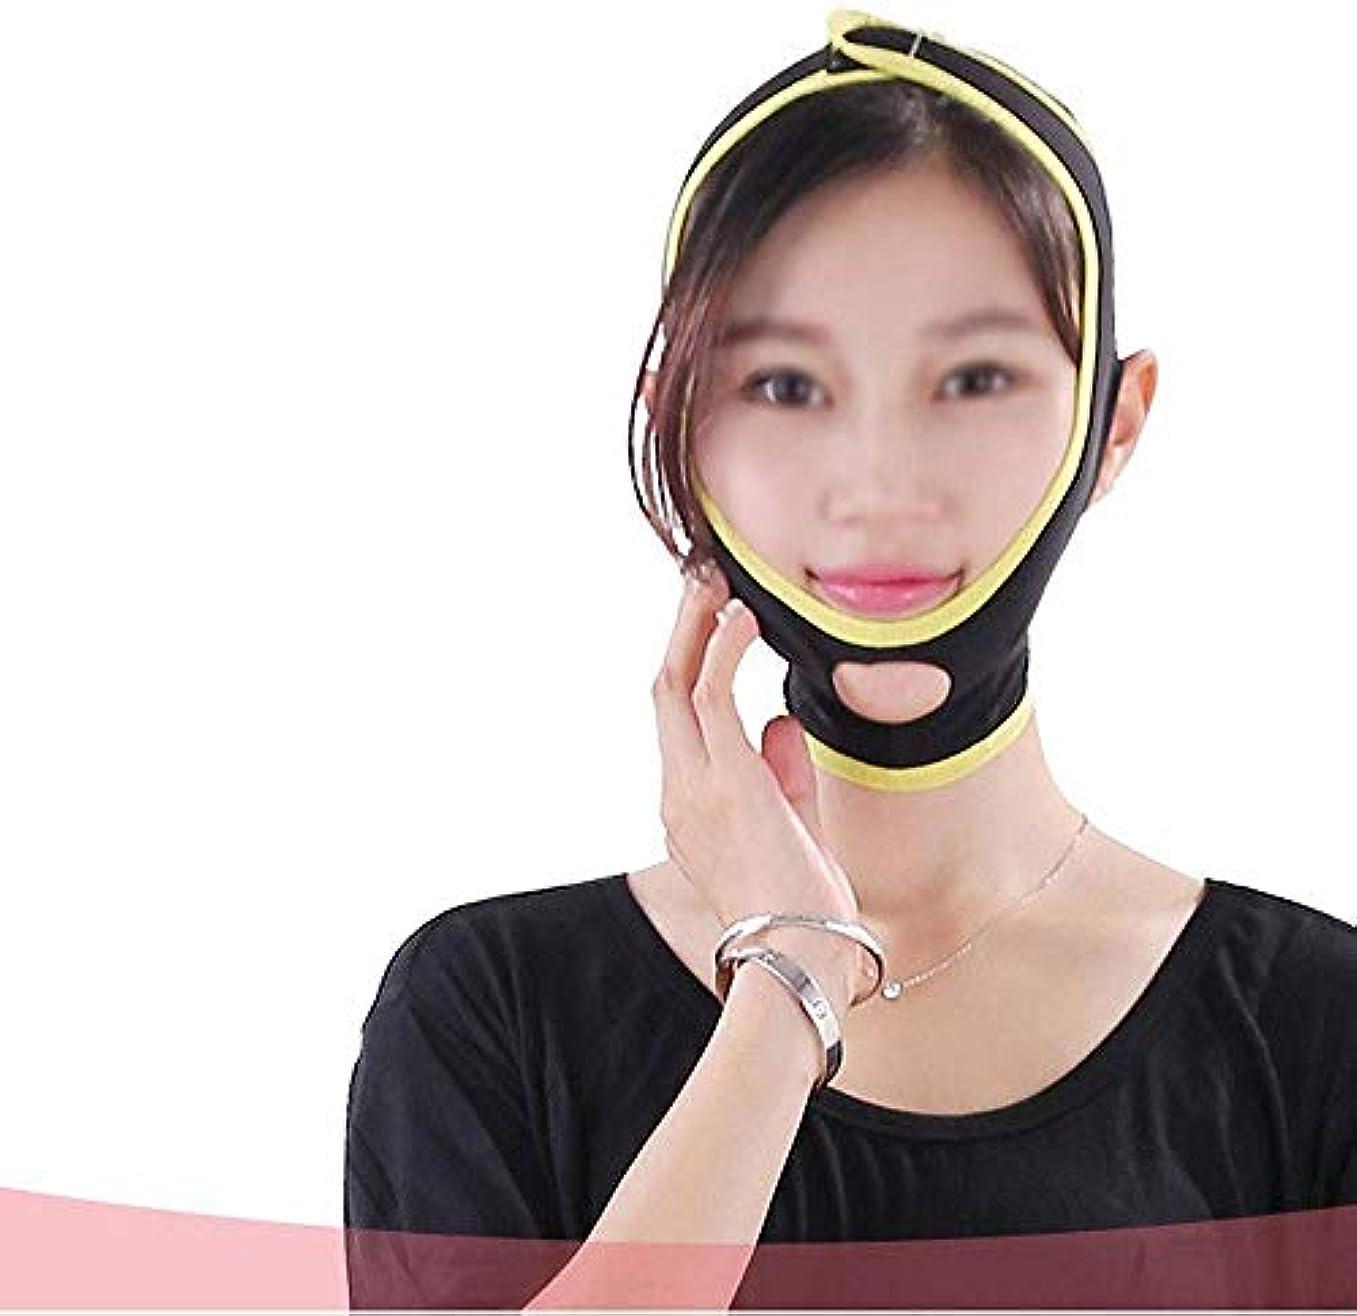 第五変換する乱気流スリミングVフェイスマスク、薄型フェイスバンデージ、通気性睡眠スモールVフェイスマスクリフト引き締め肌アーティファクトダブルチン顔の減量包帯(サイズ:M)